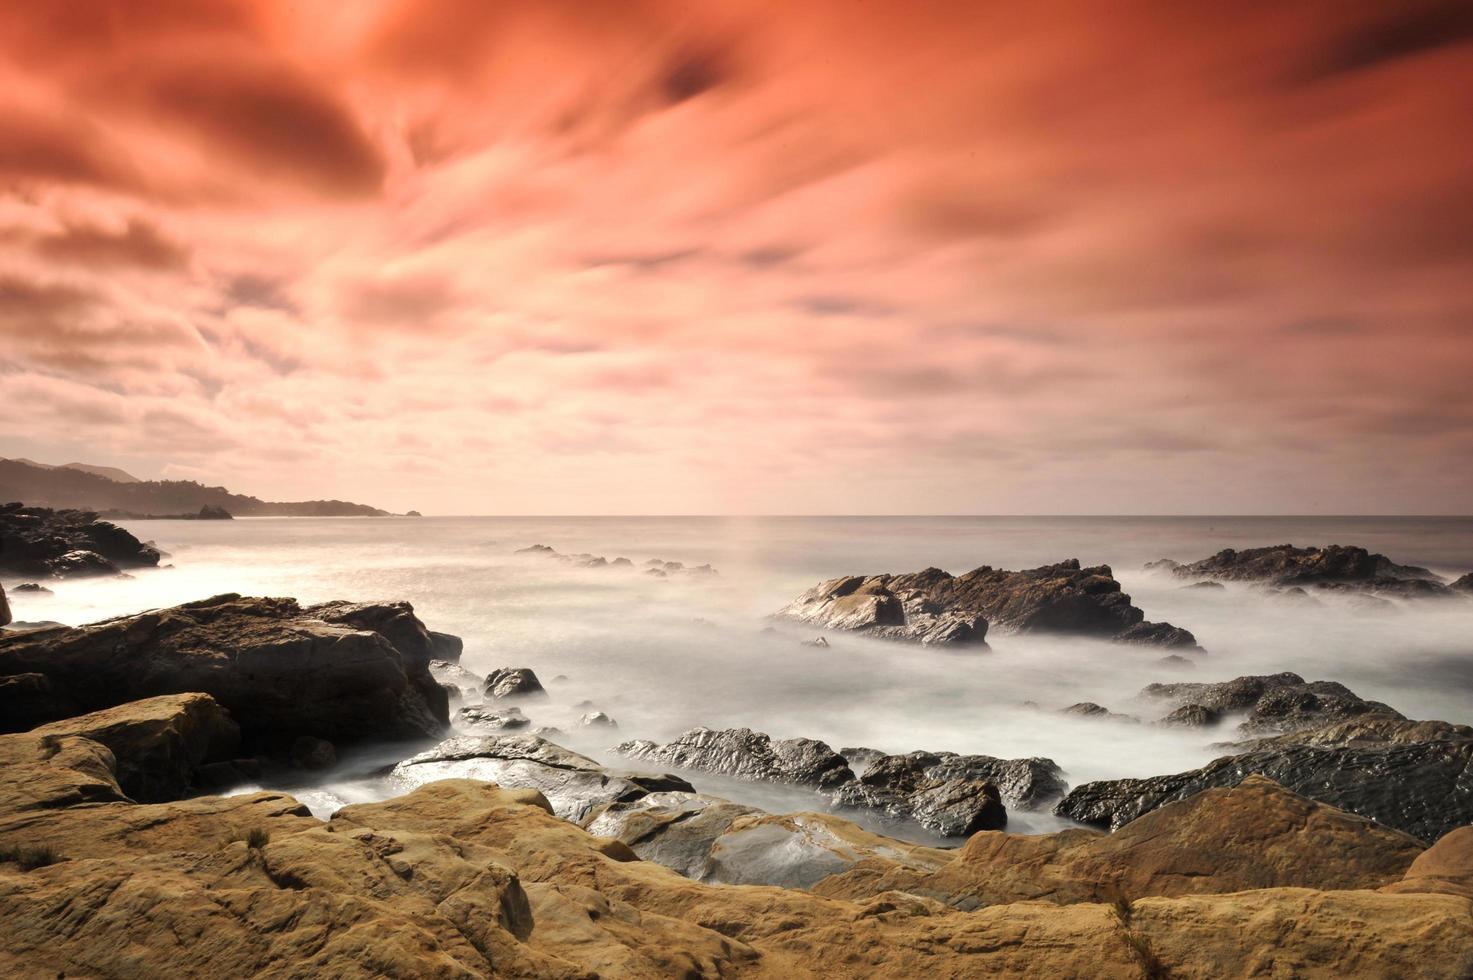 formazione rocciosa nera sulla riva del mare durante il giorno foto